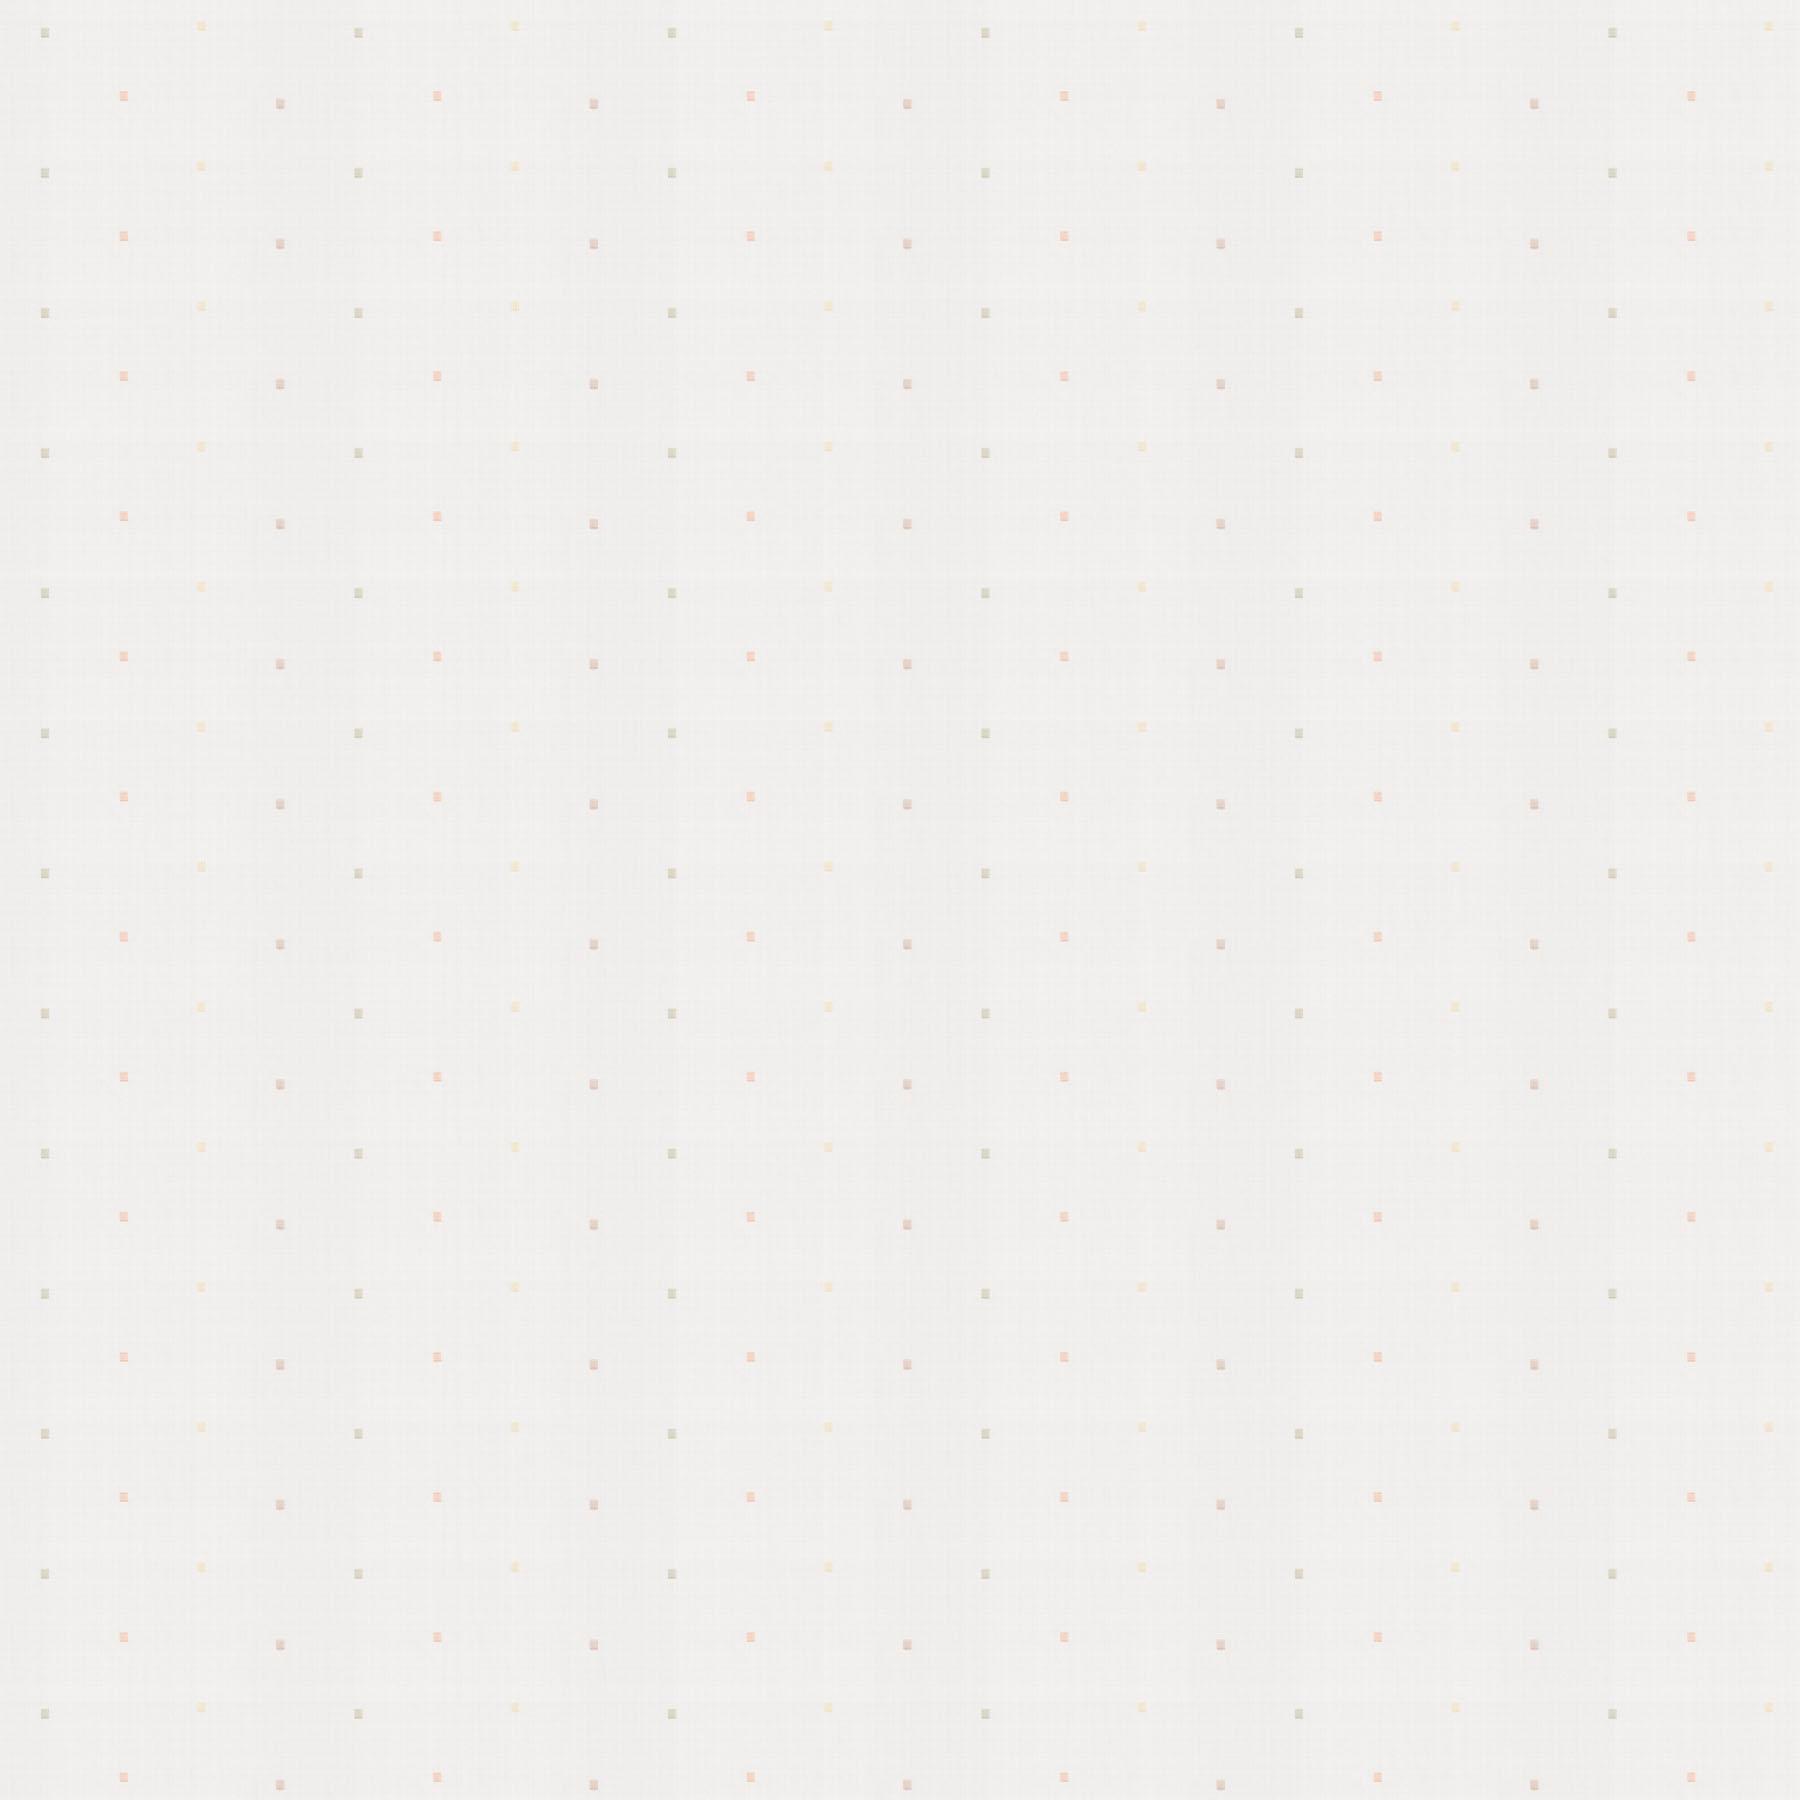 Картинка анимация снегопад на прозрачном фоне